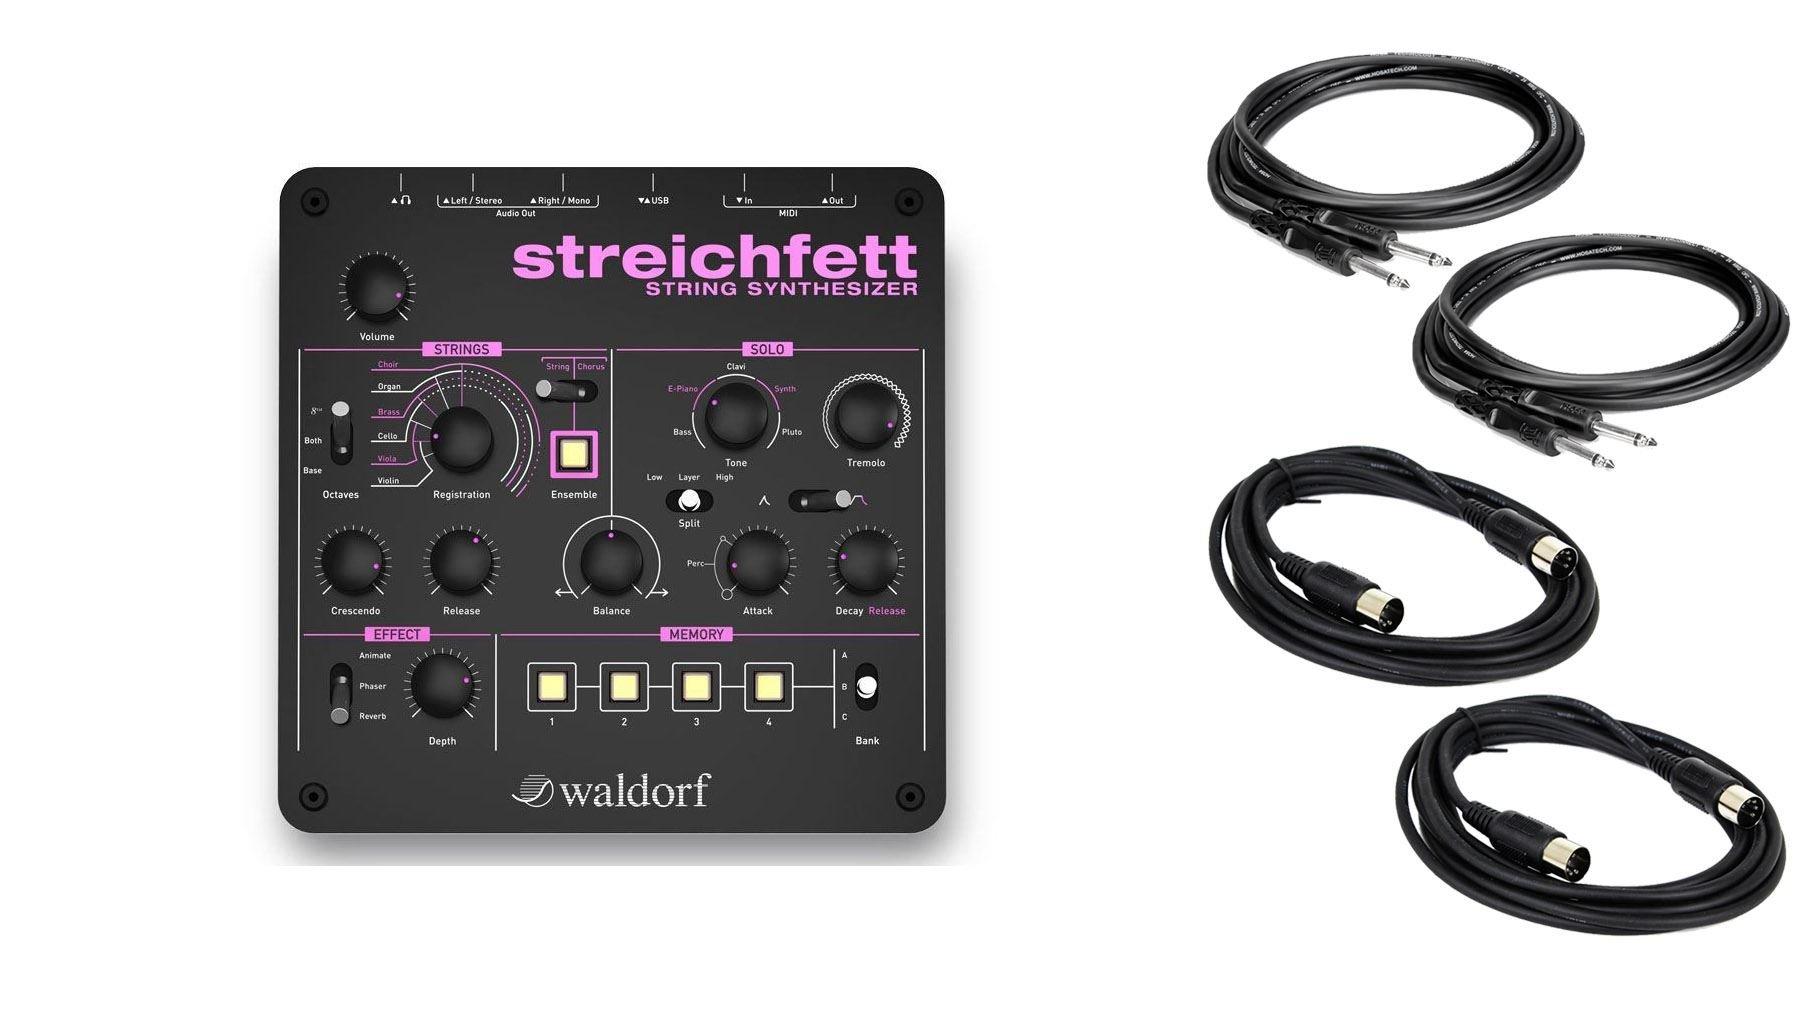 Waldorf Streichfett w/ 2 Instrument & 2 MIDI Cables Bundle